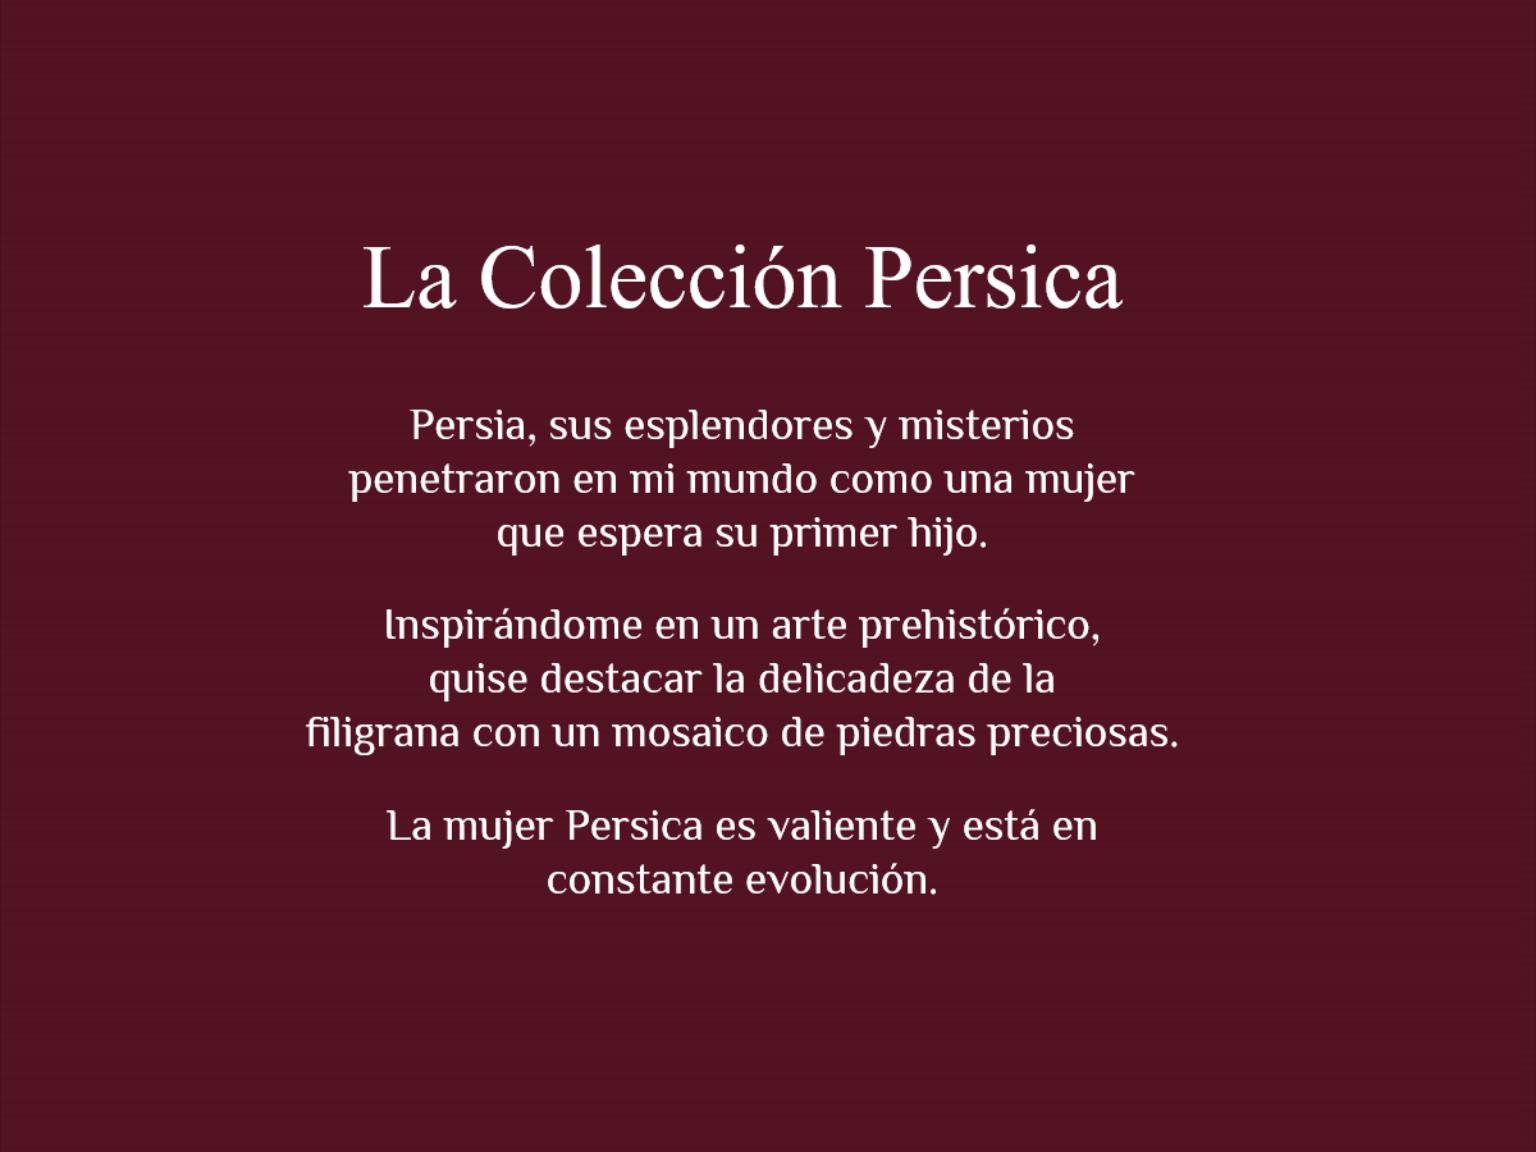 la coleccion persica 5